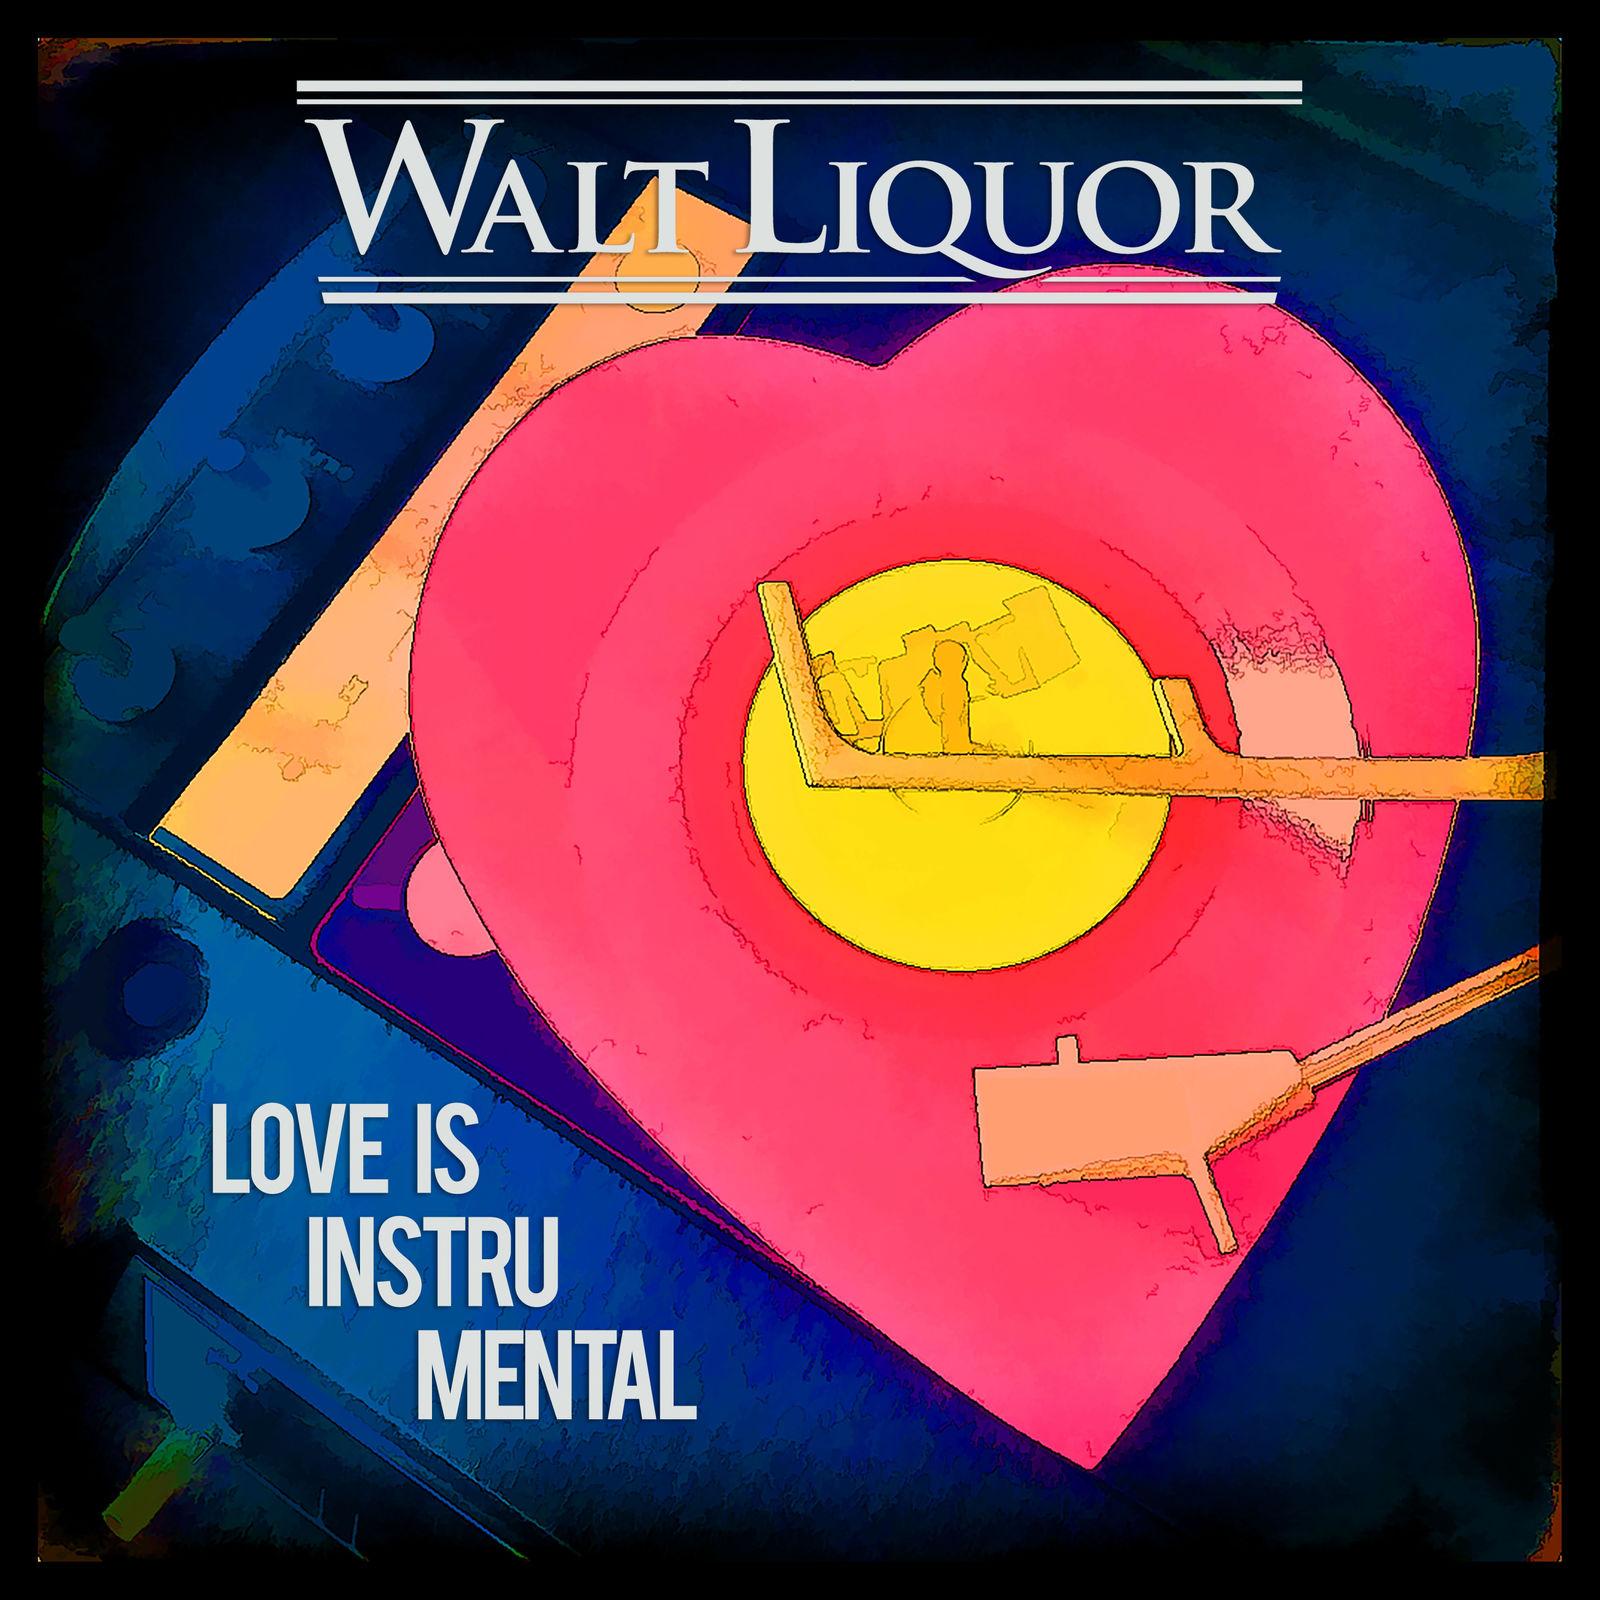 Walt Liquor